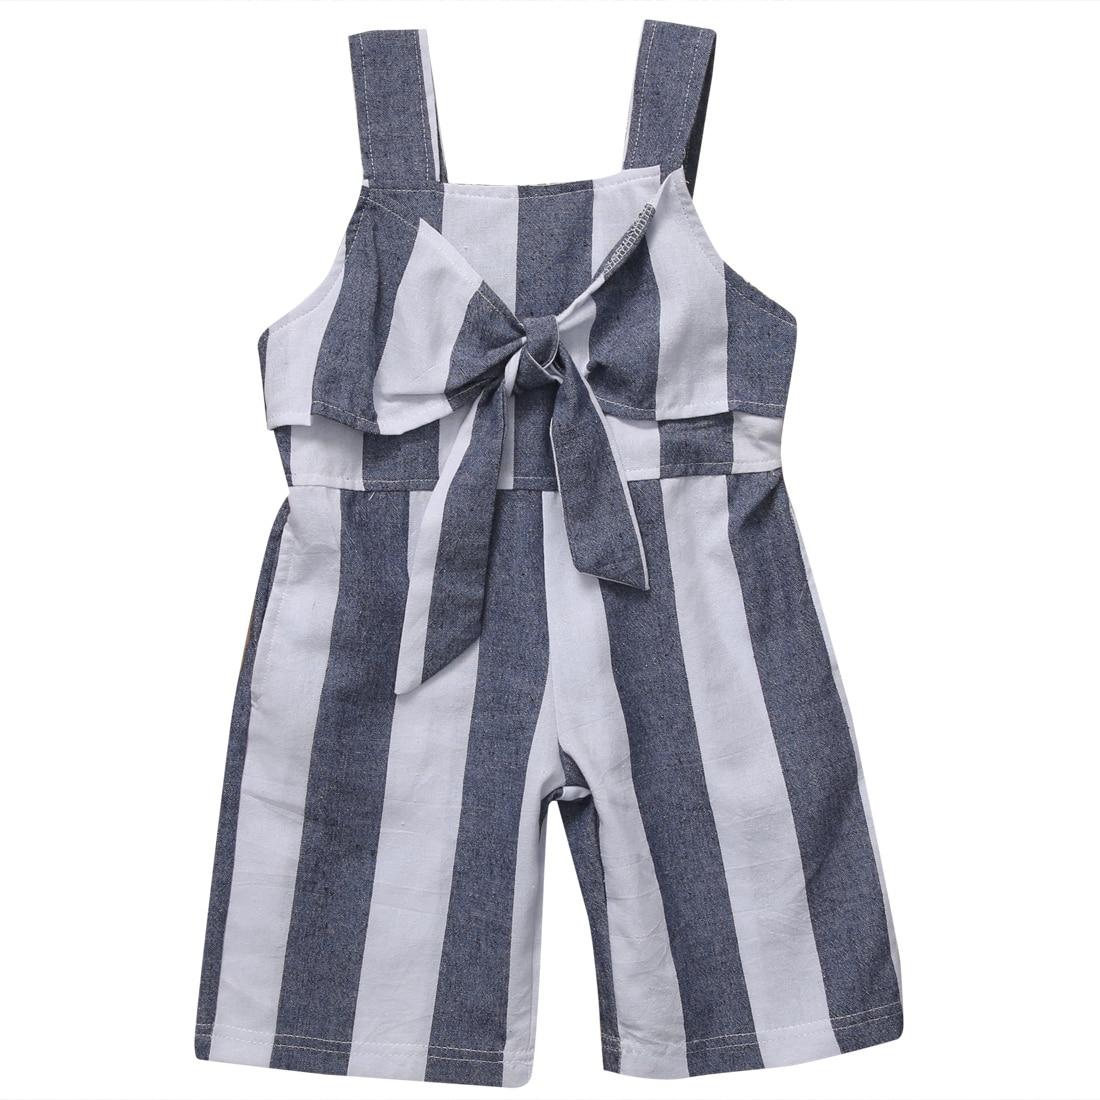 2018 новая детская одежда для девочек без рукавов содрали комбинезон Дети лук комбинезон, костюм летняя одежда наряды